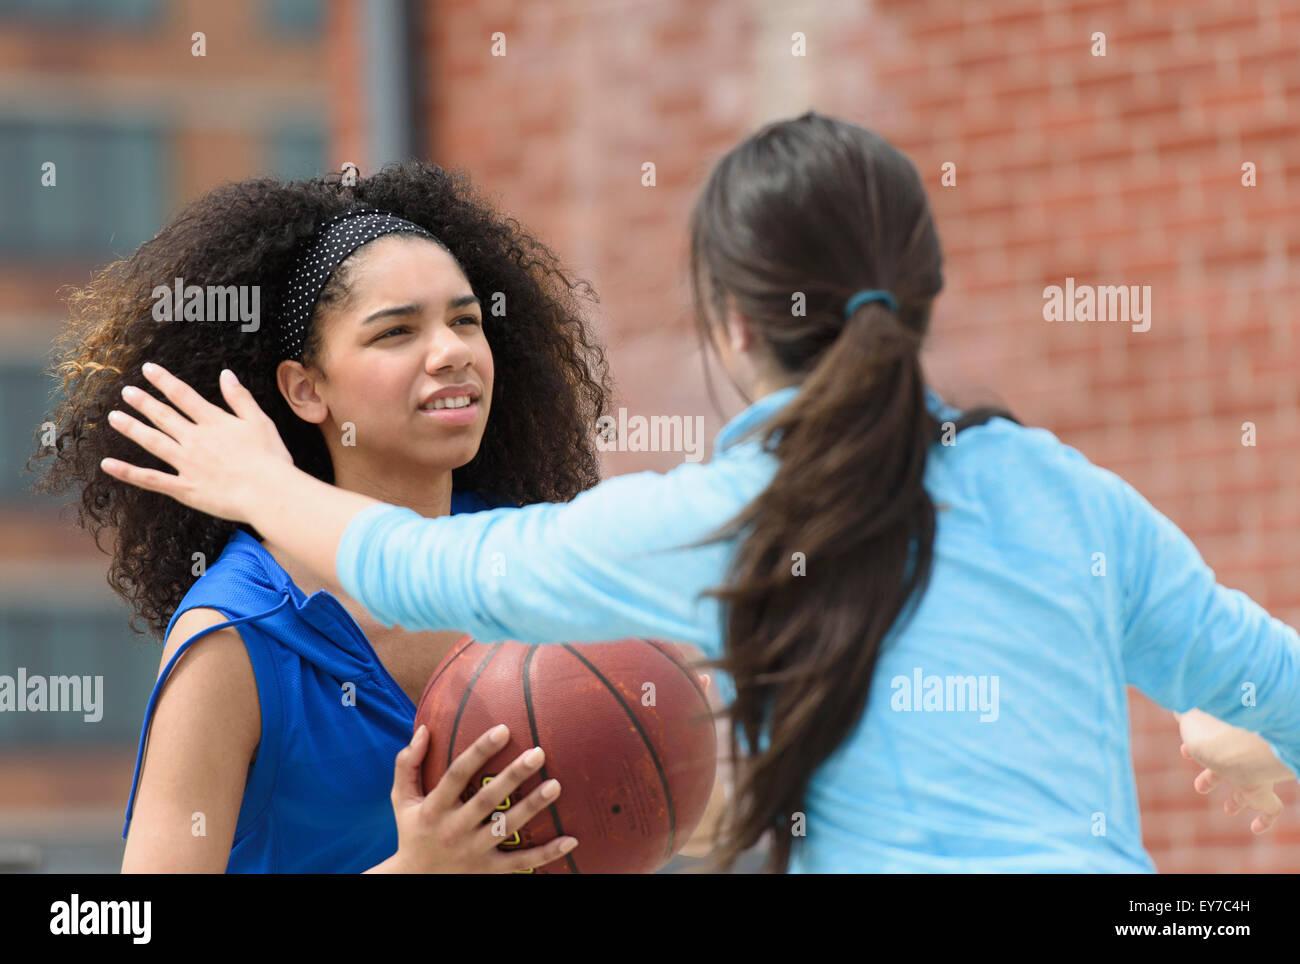 Le ragazze adolescenti (14-15, 16-17) giocare a basket Immagini Stock